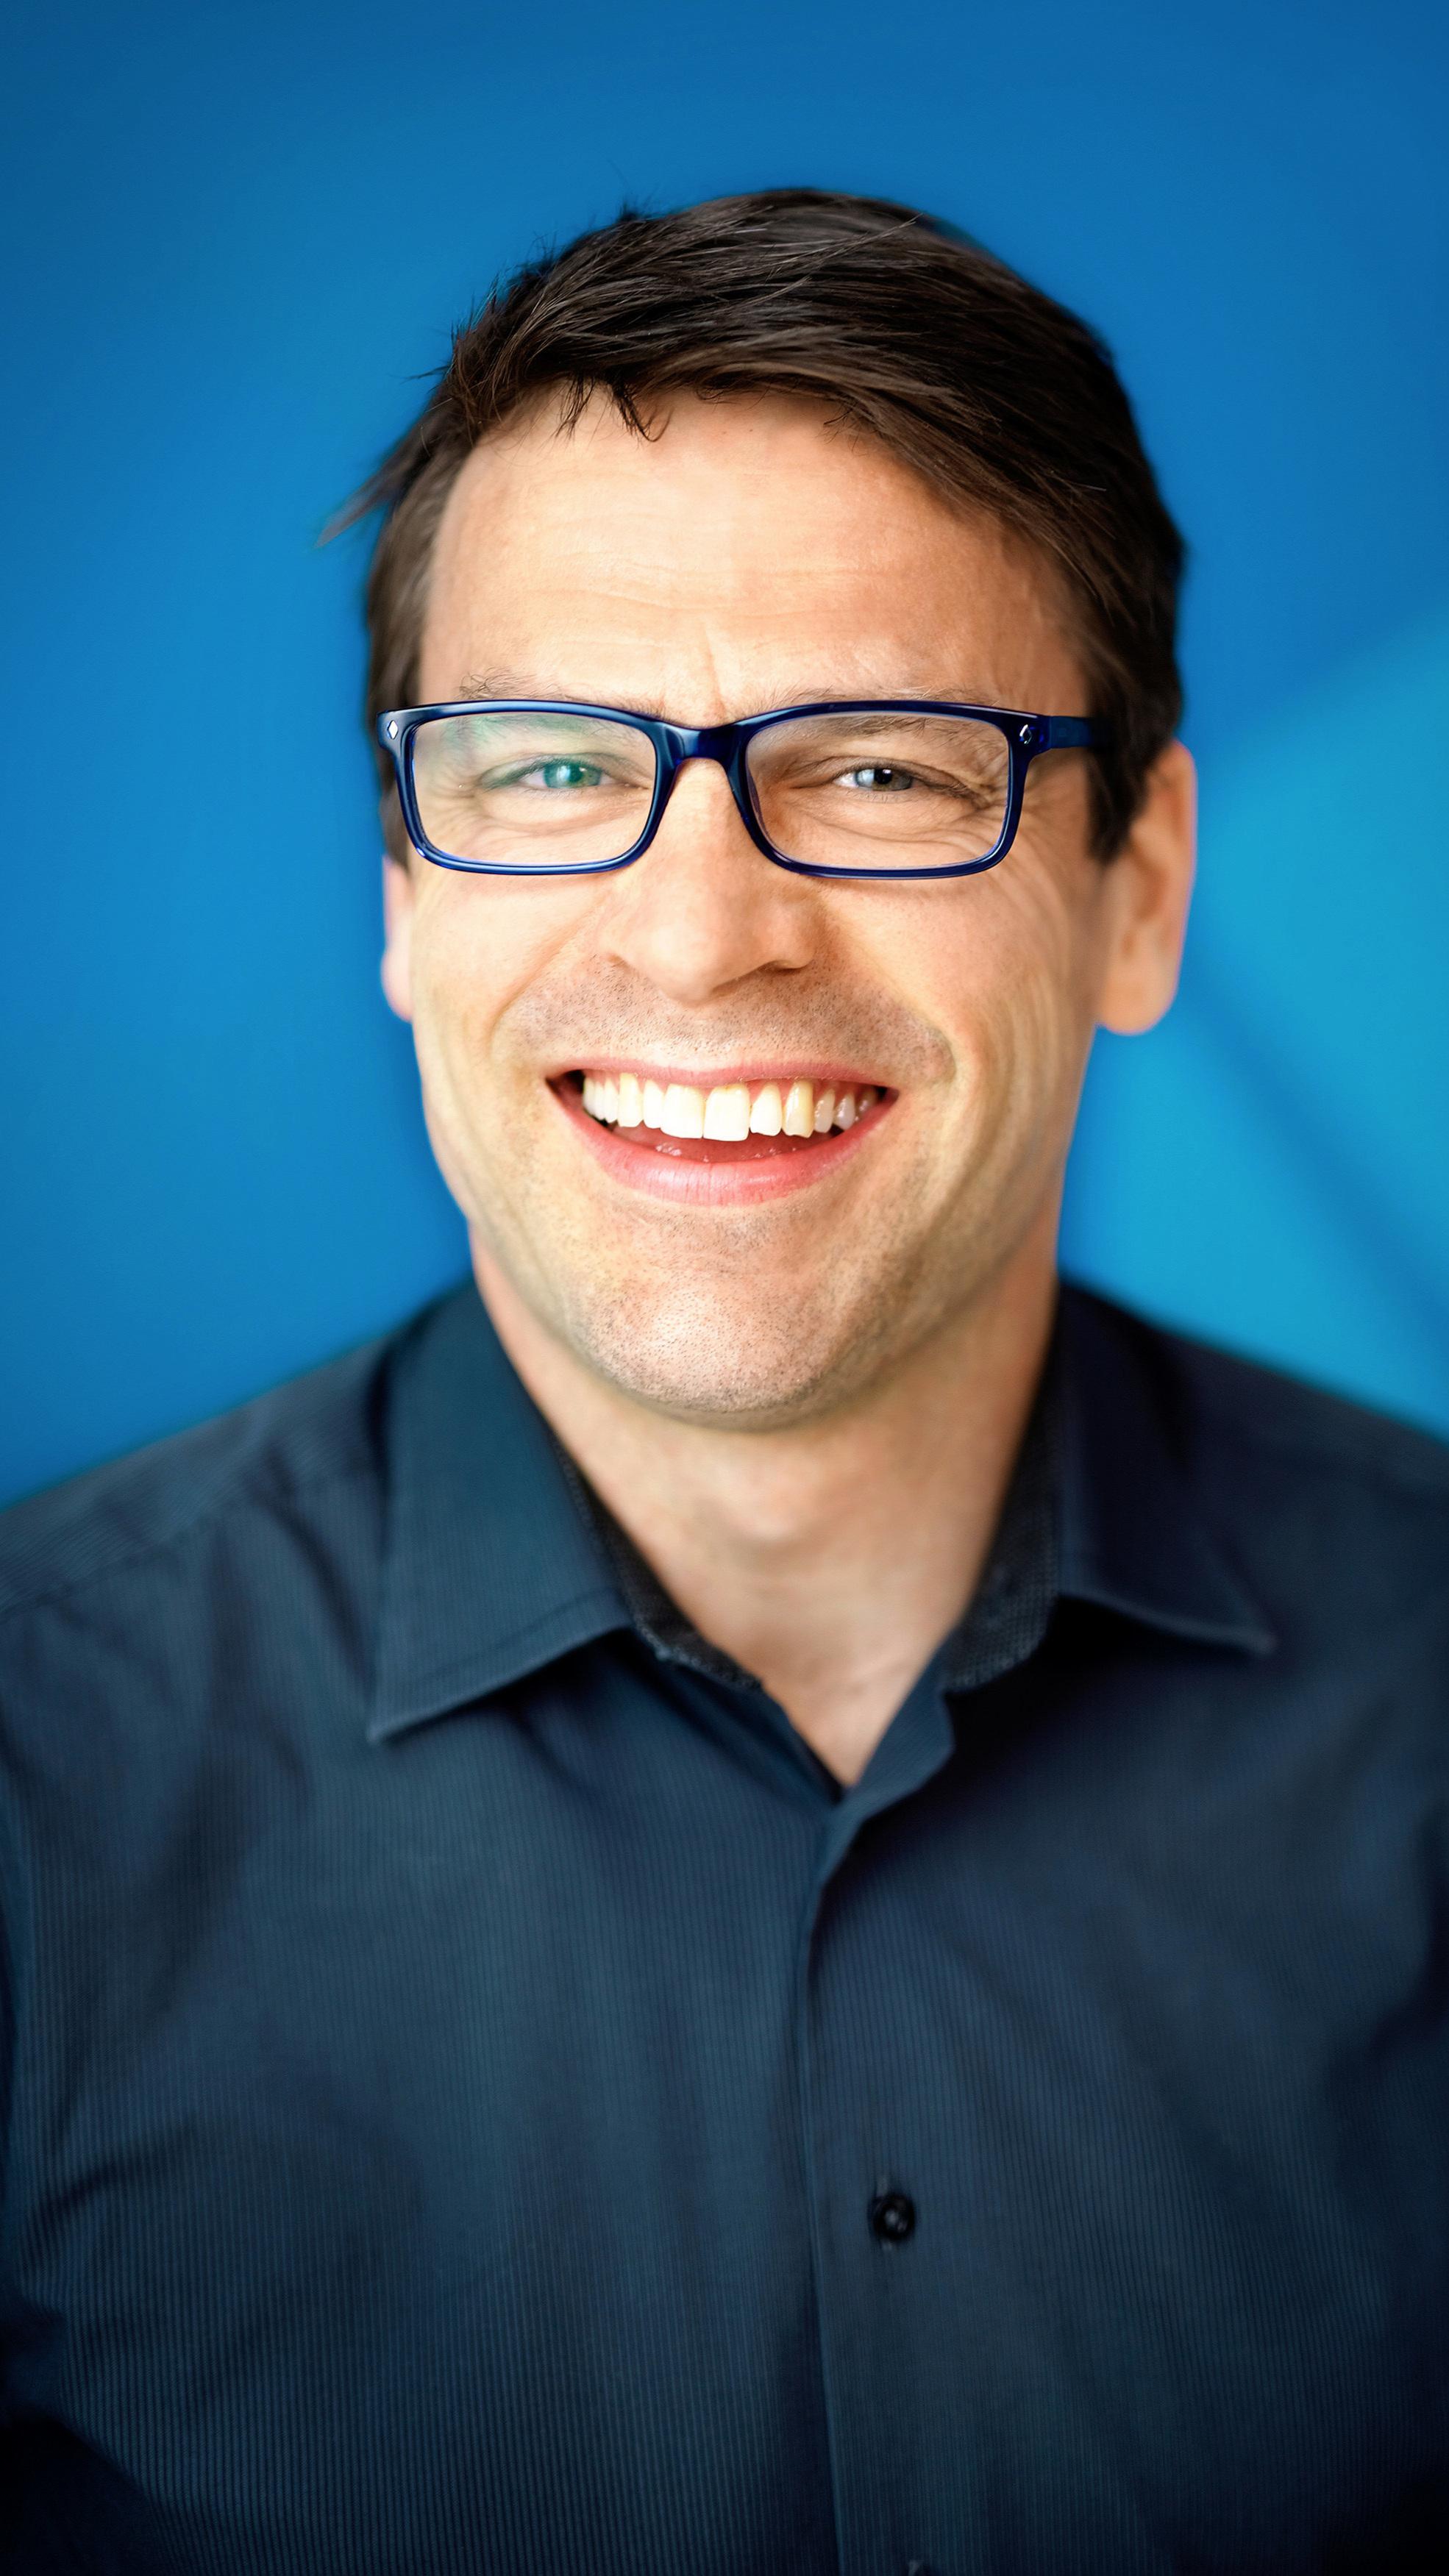 Mats Kristensen, Managing Partner og ledertrener.  LinkedIn profil